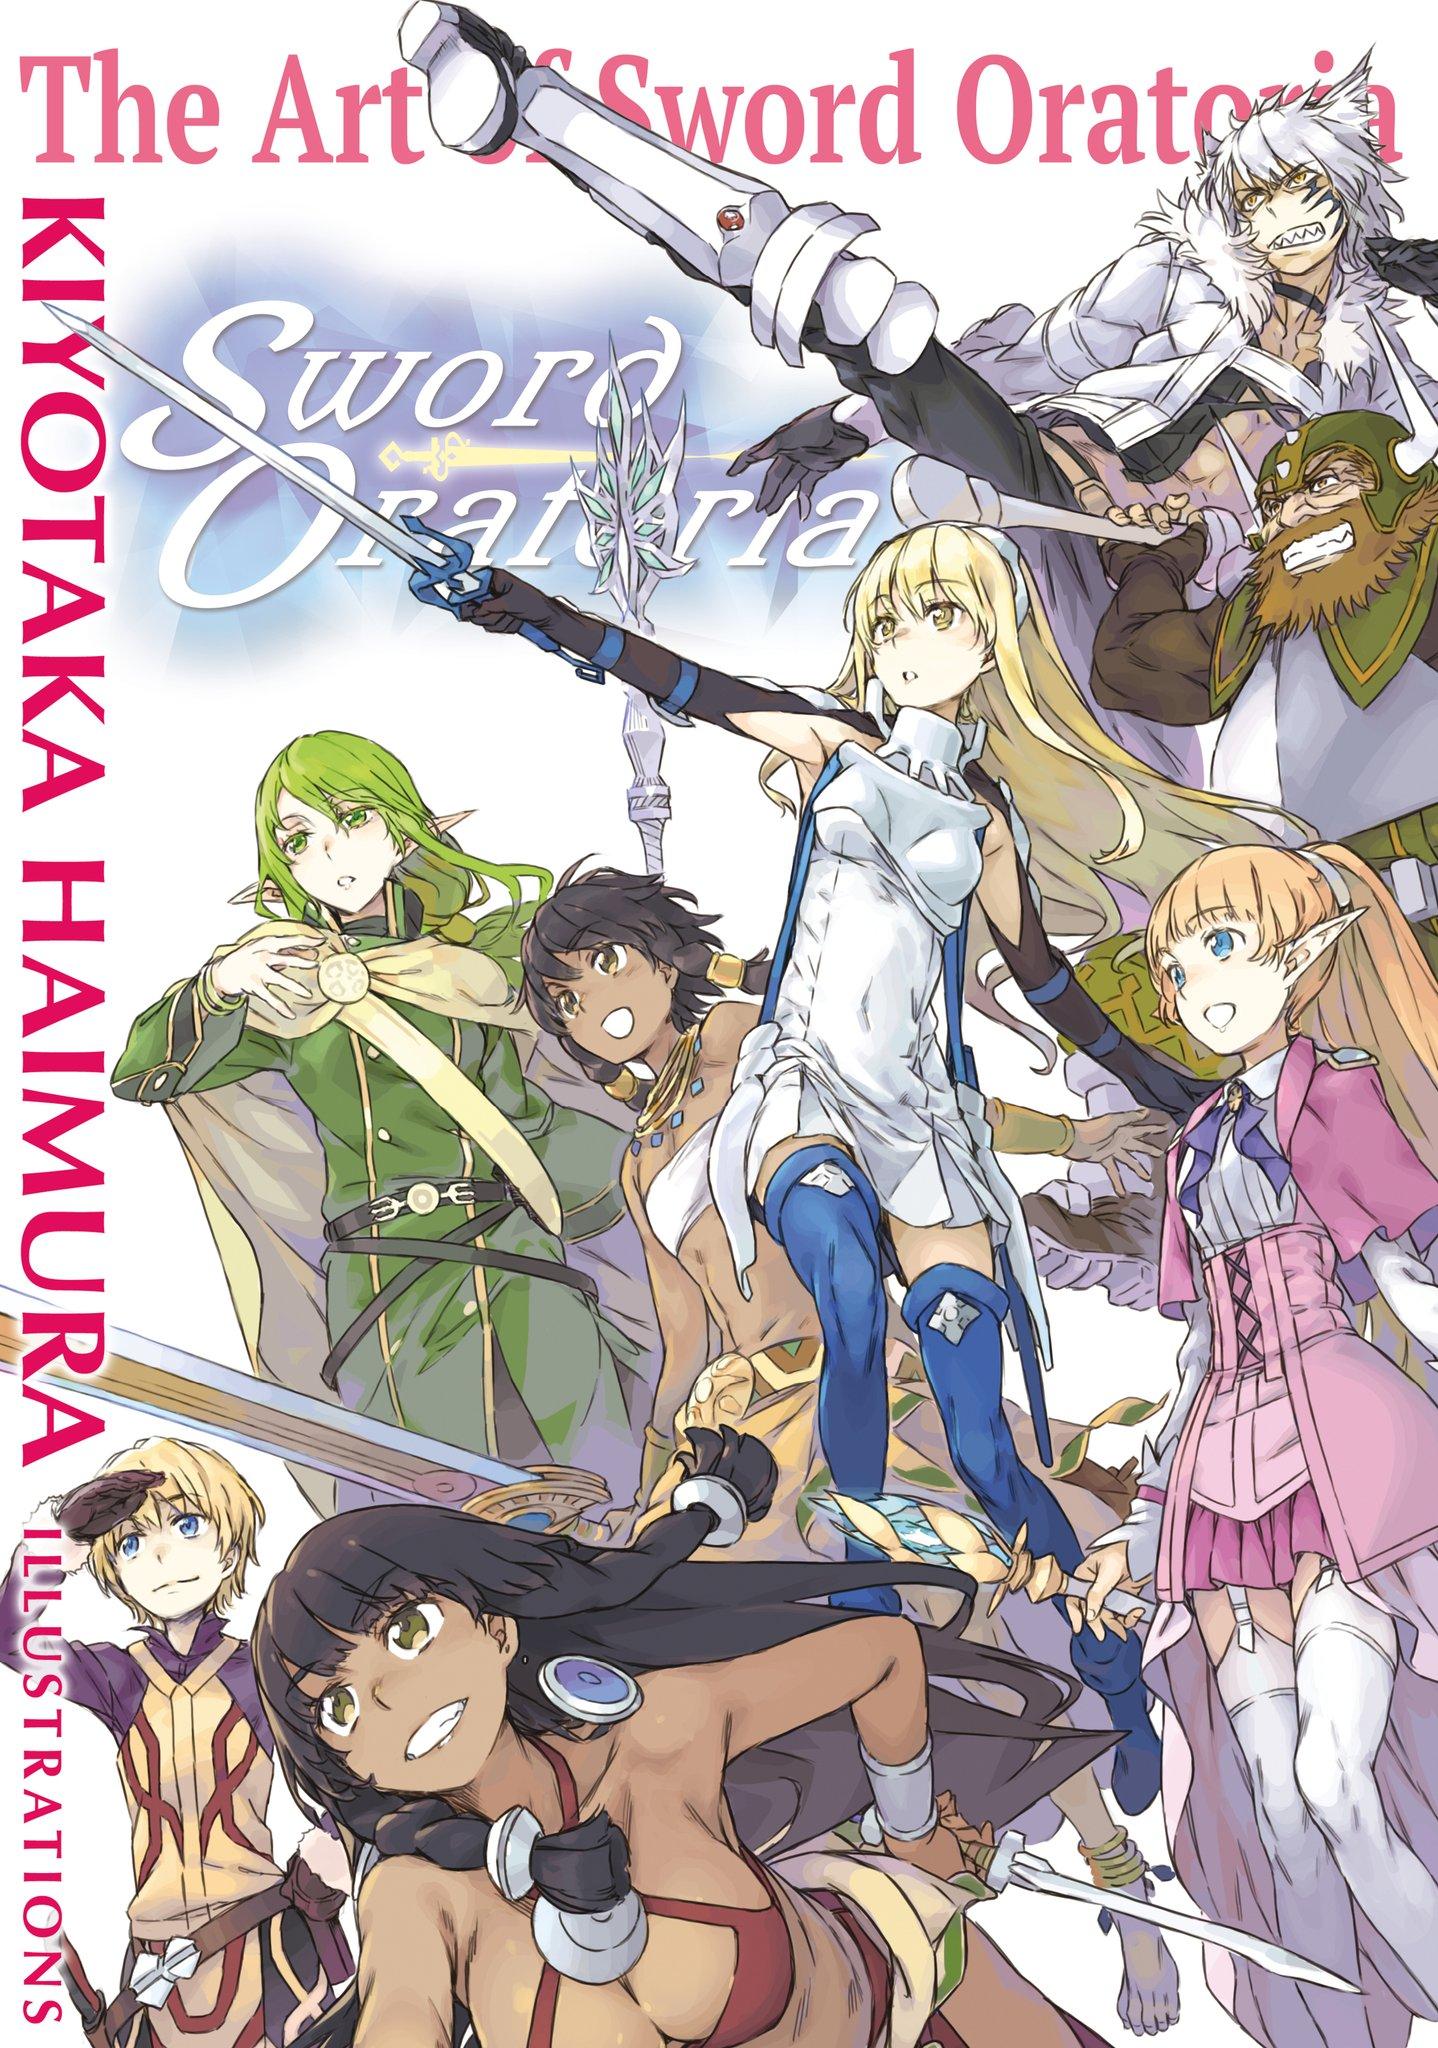 The Art of Sword Oratoria 1